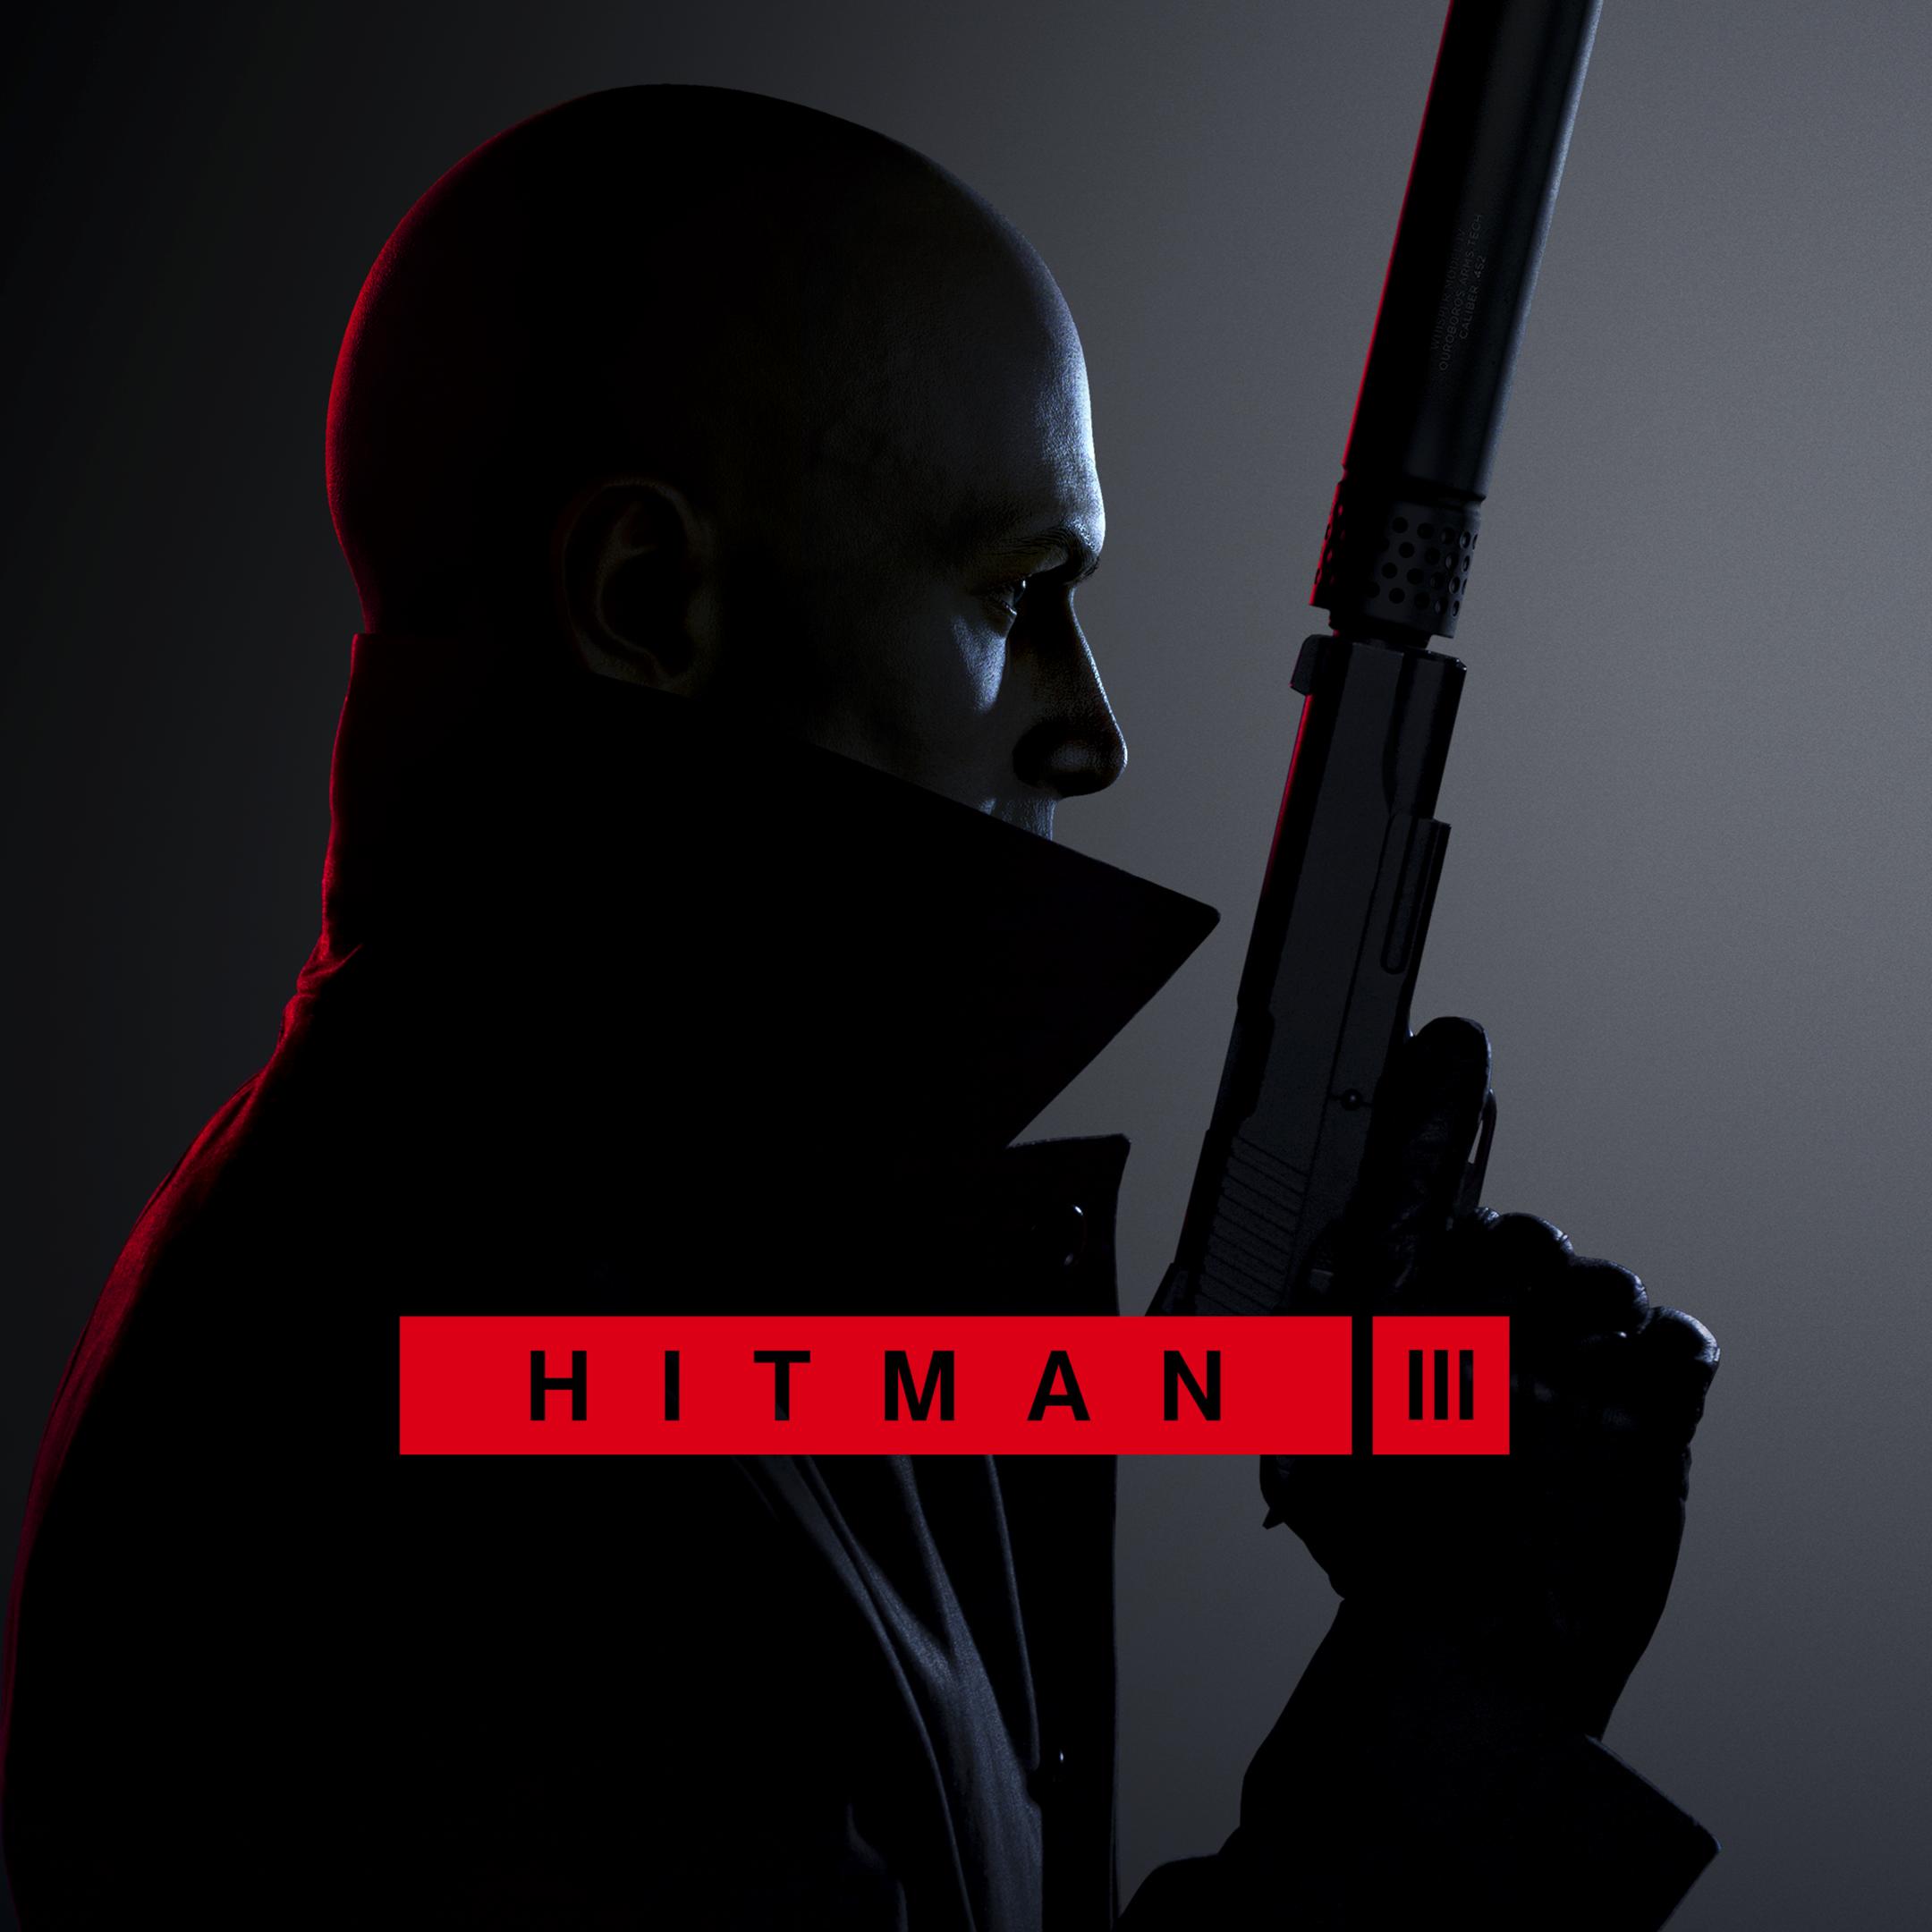 Hitman 3 - Store Art